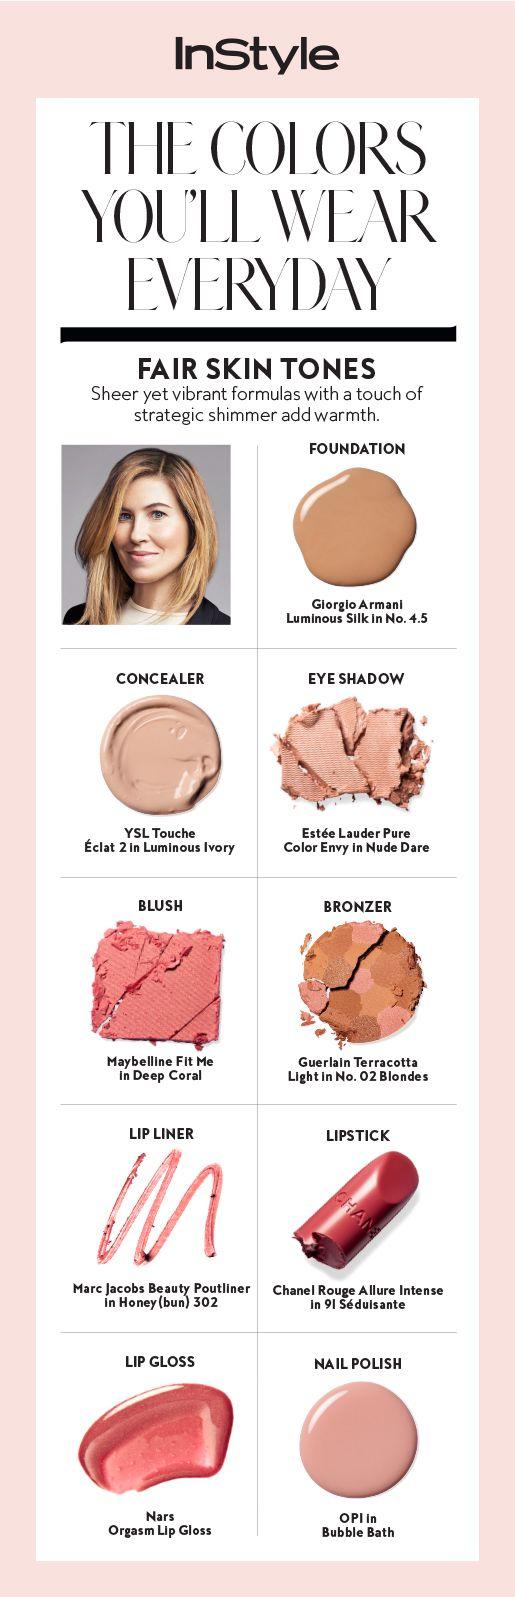 Wedding Day Makeup Fair Skin : 25+ best ideas about Fair skin makeup on Pinterest ...